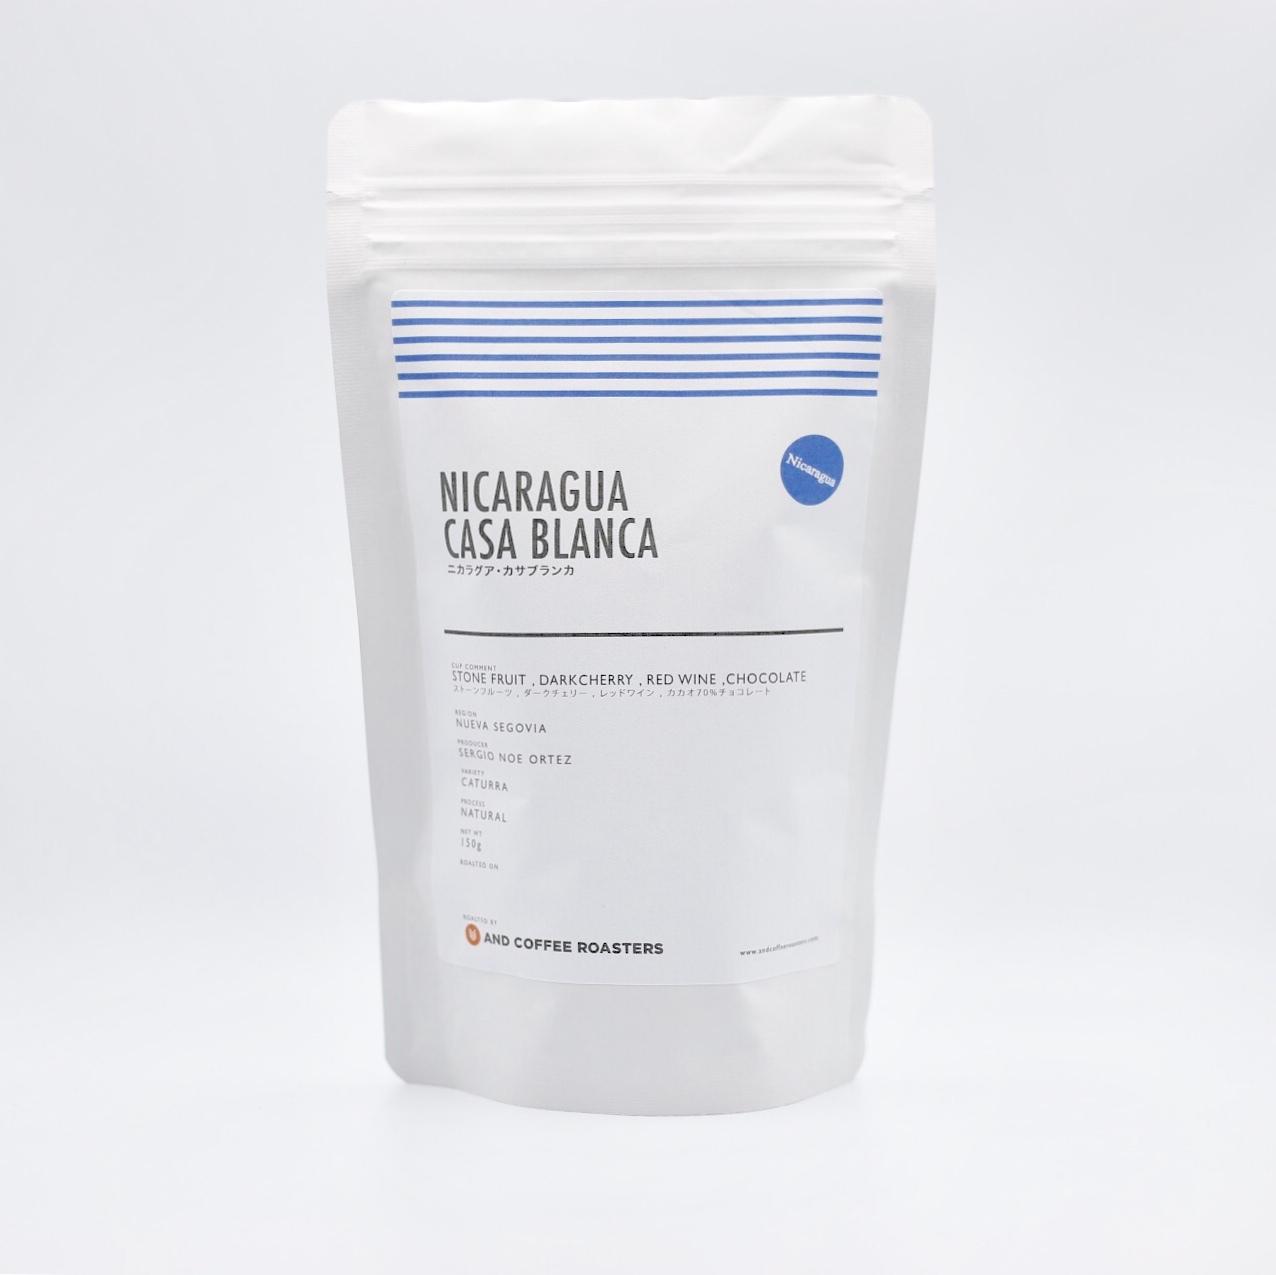 ニカラグア / カサブランカ 200g